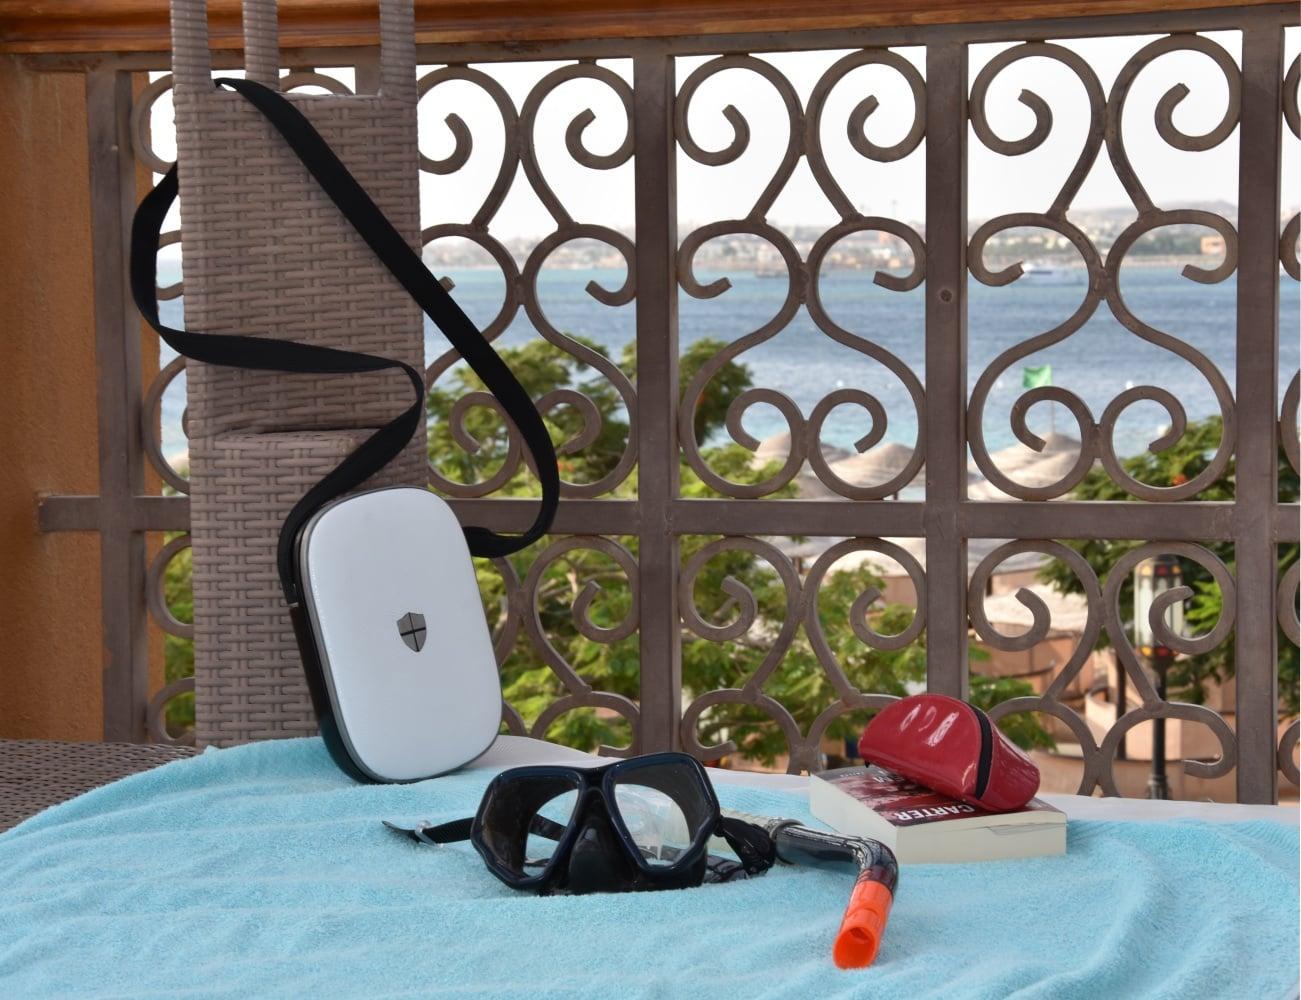 Safy+Theft-Resistant+Smart+Bag